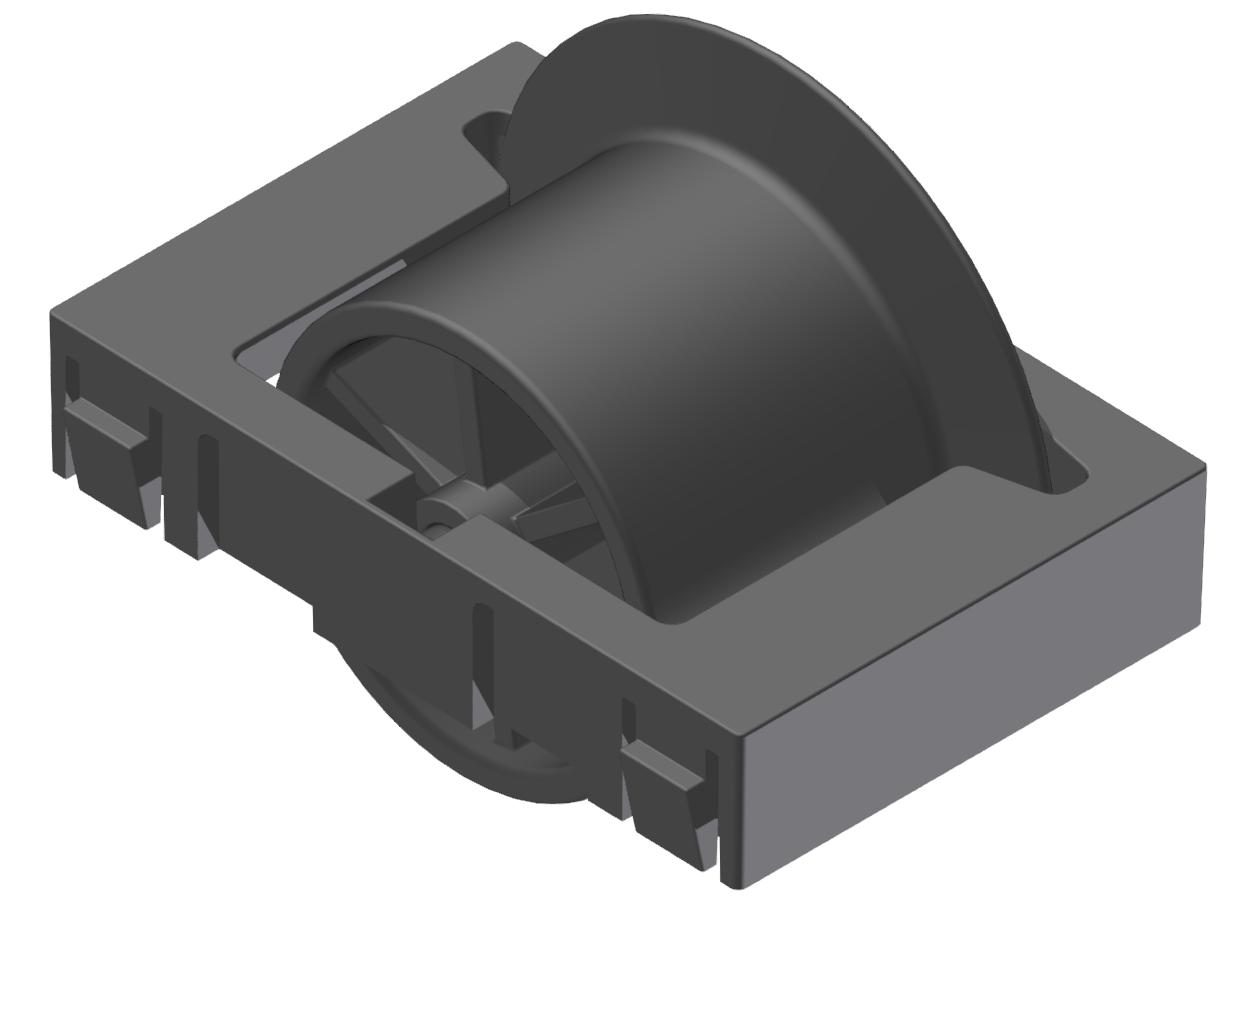 Rollenelement mit Spurkranz D28 ESD, schwarz -schwarz - Alu